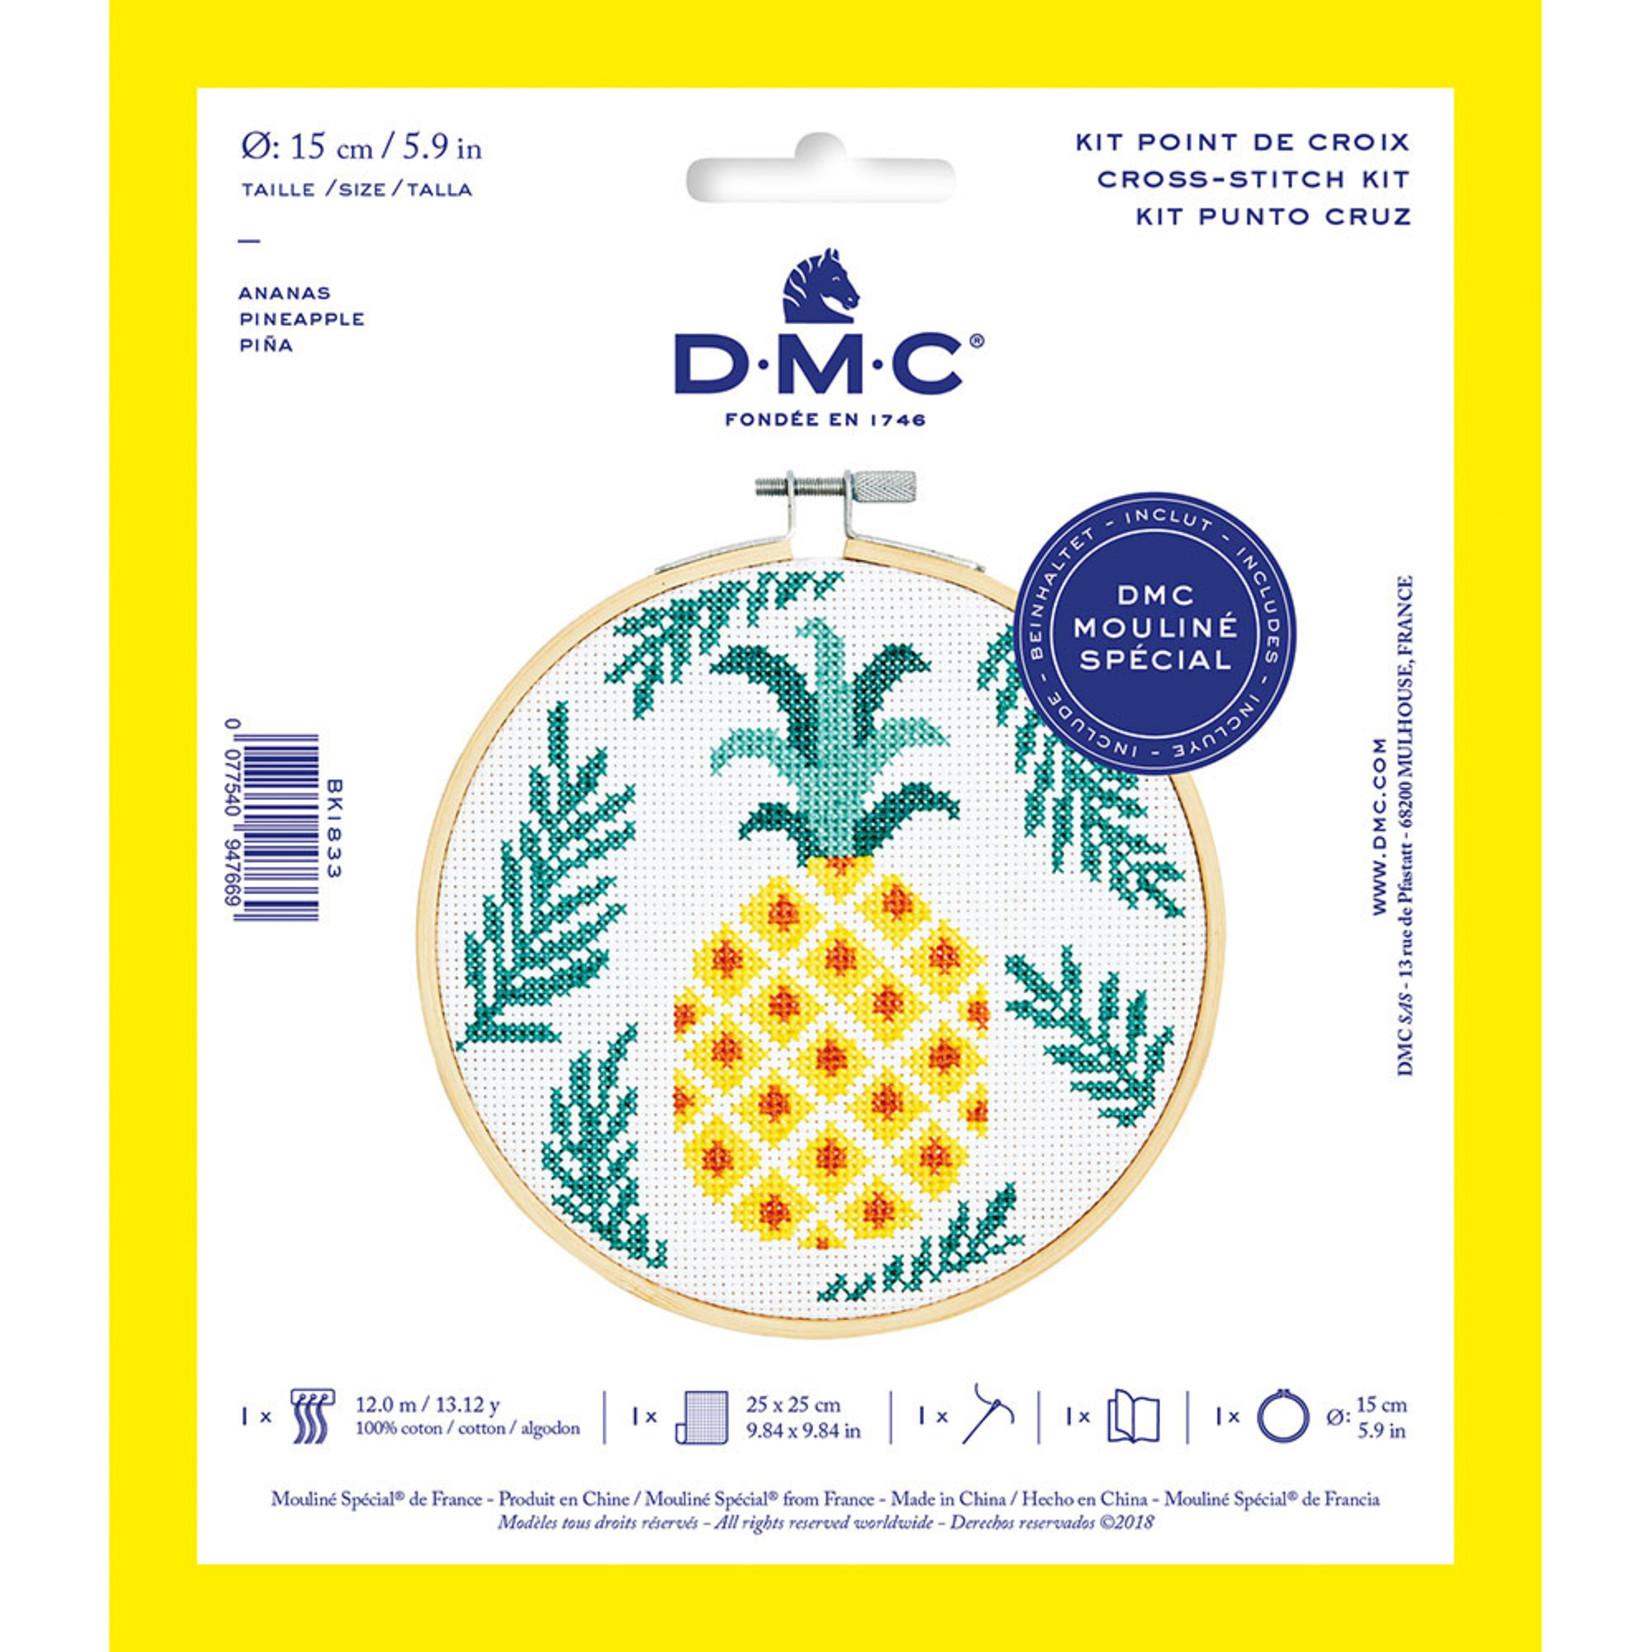 DMC Cross-Stitch Kits